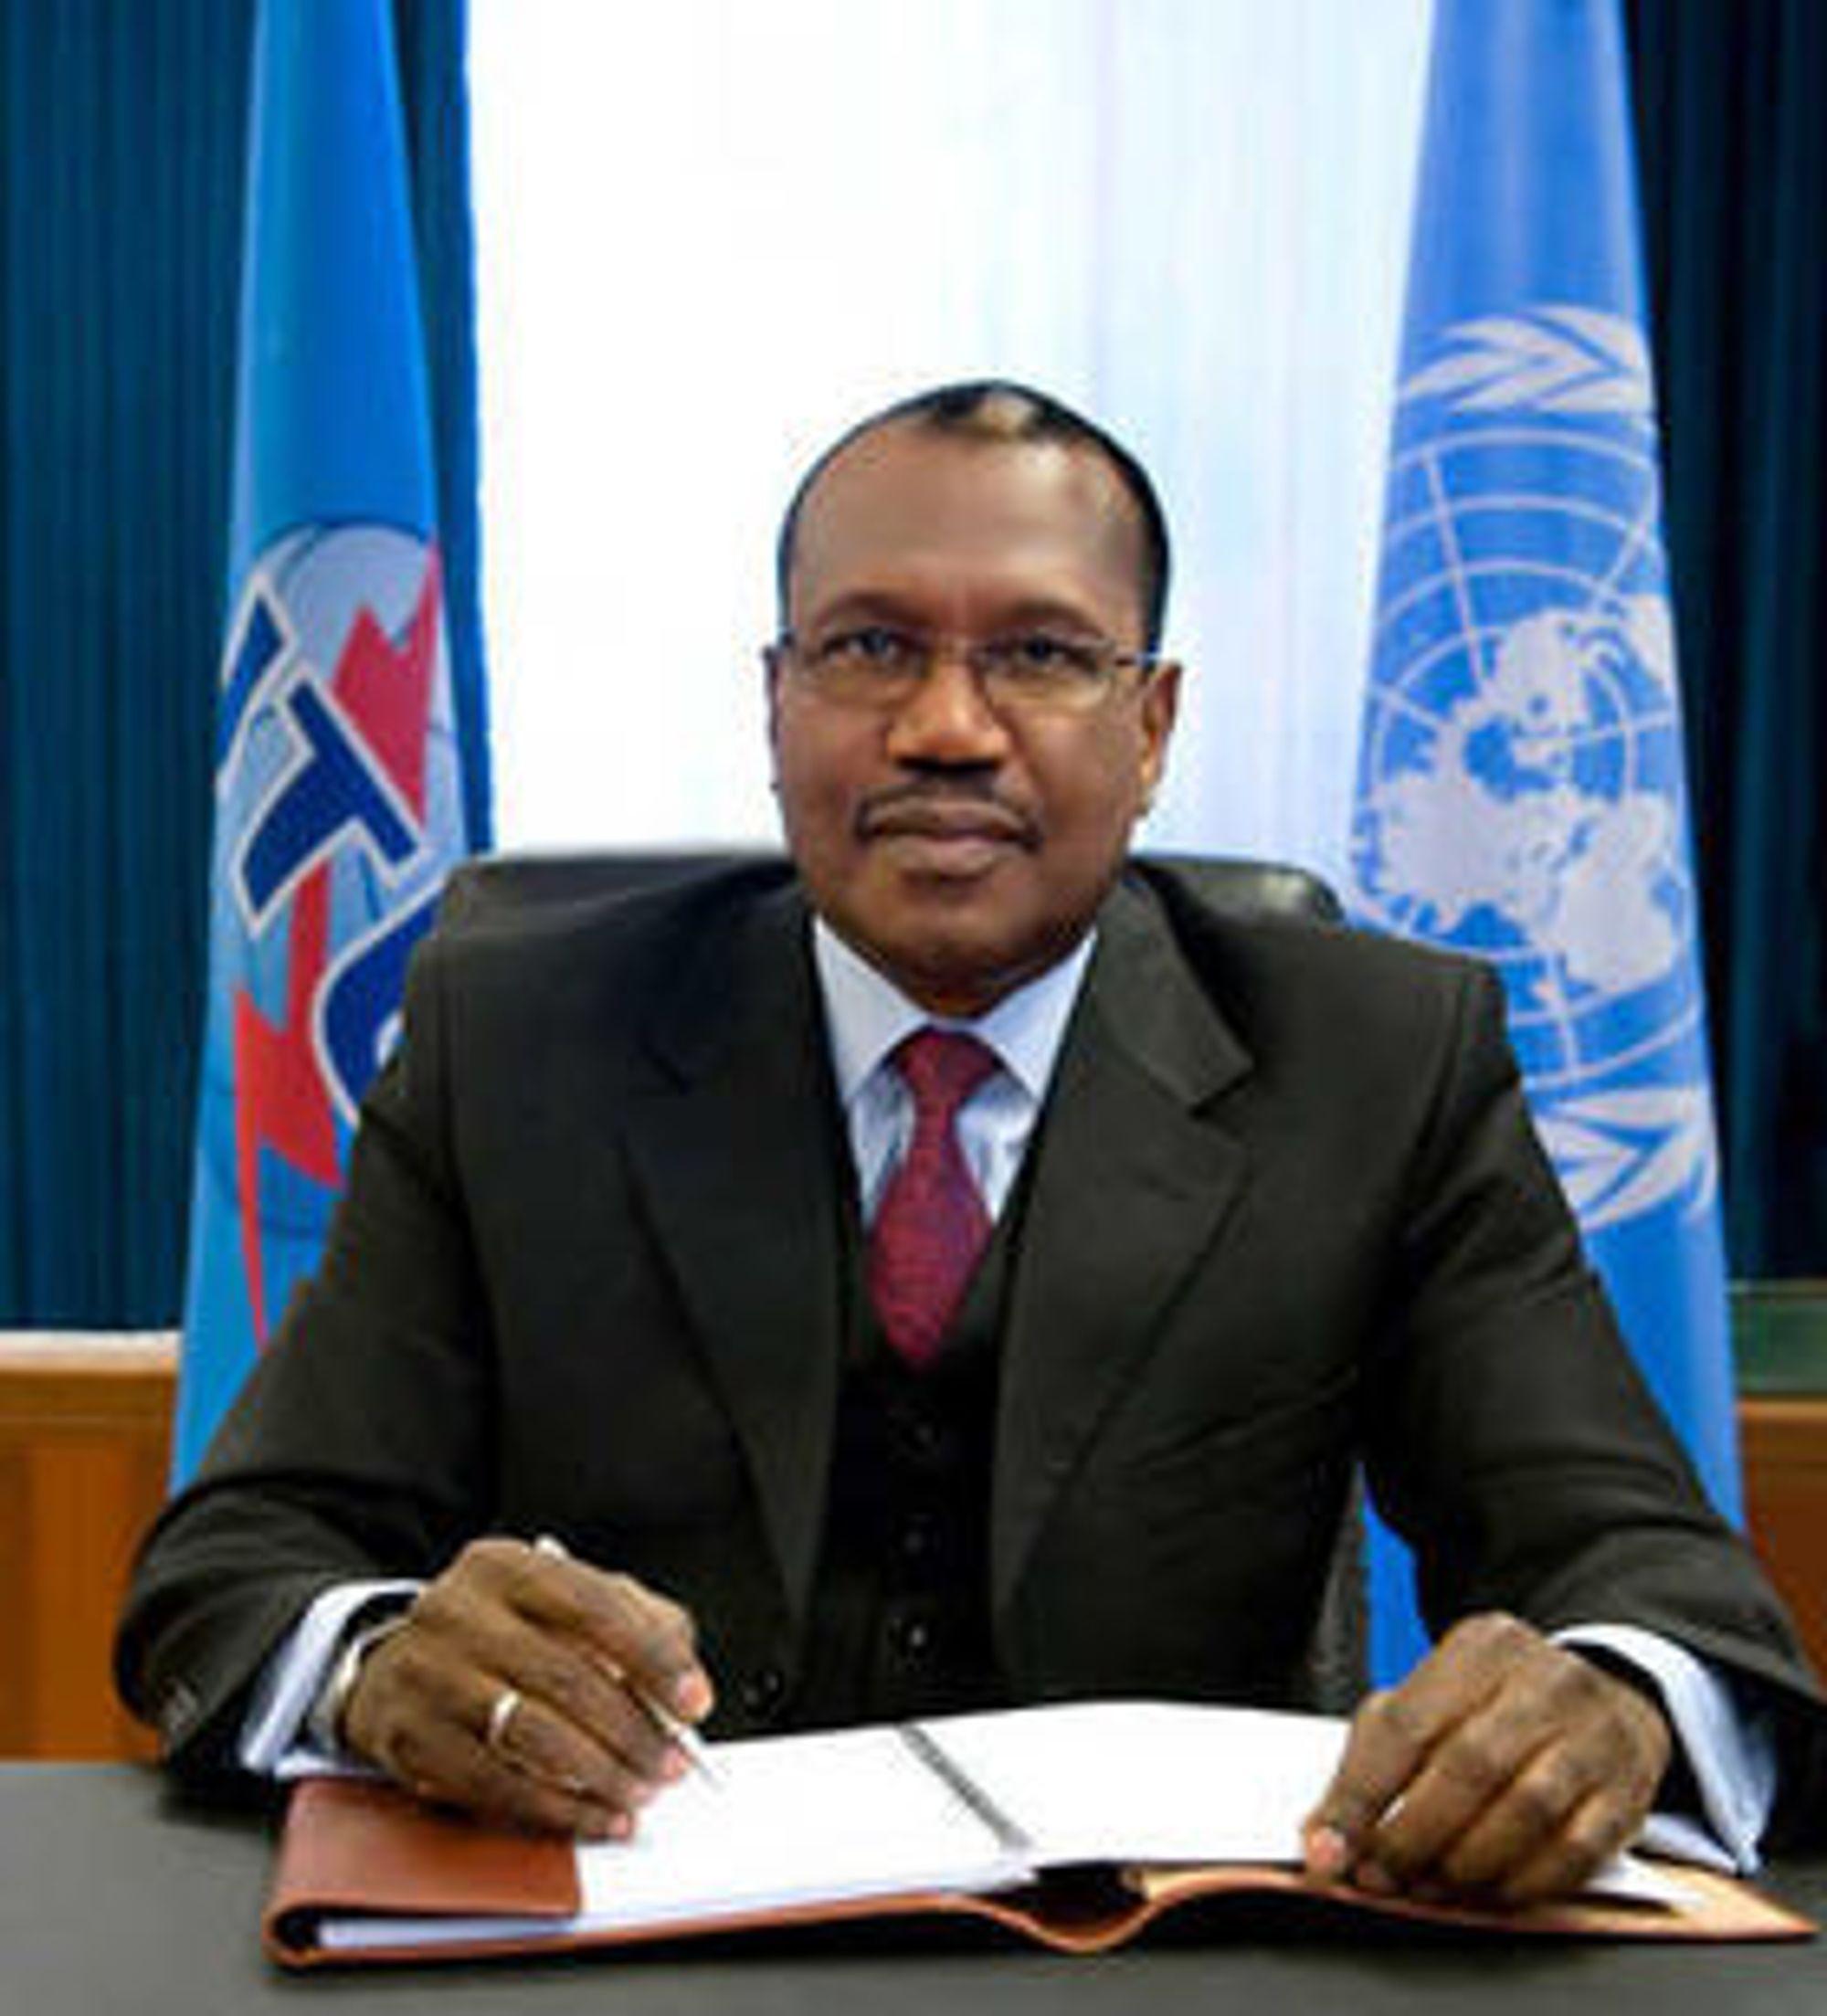 Generalsekretær i FN-organisasjonen ITU understreker at de fire målene for globalt bredbånd kan bare nås gjennom partnerskap mellom nasjonale myndigheter og privat sektor.